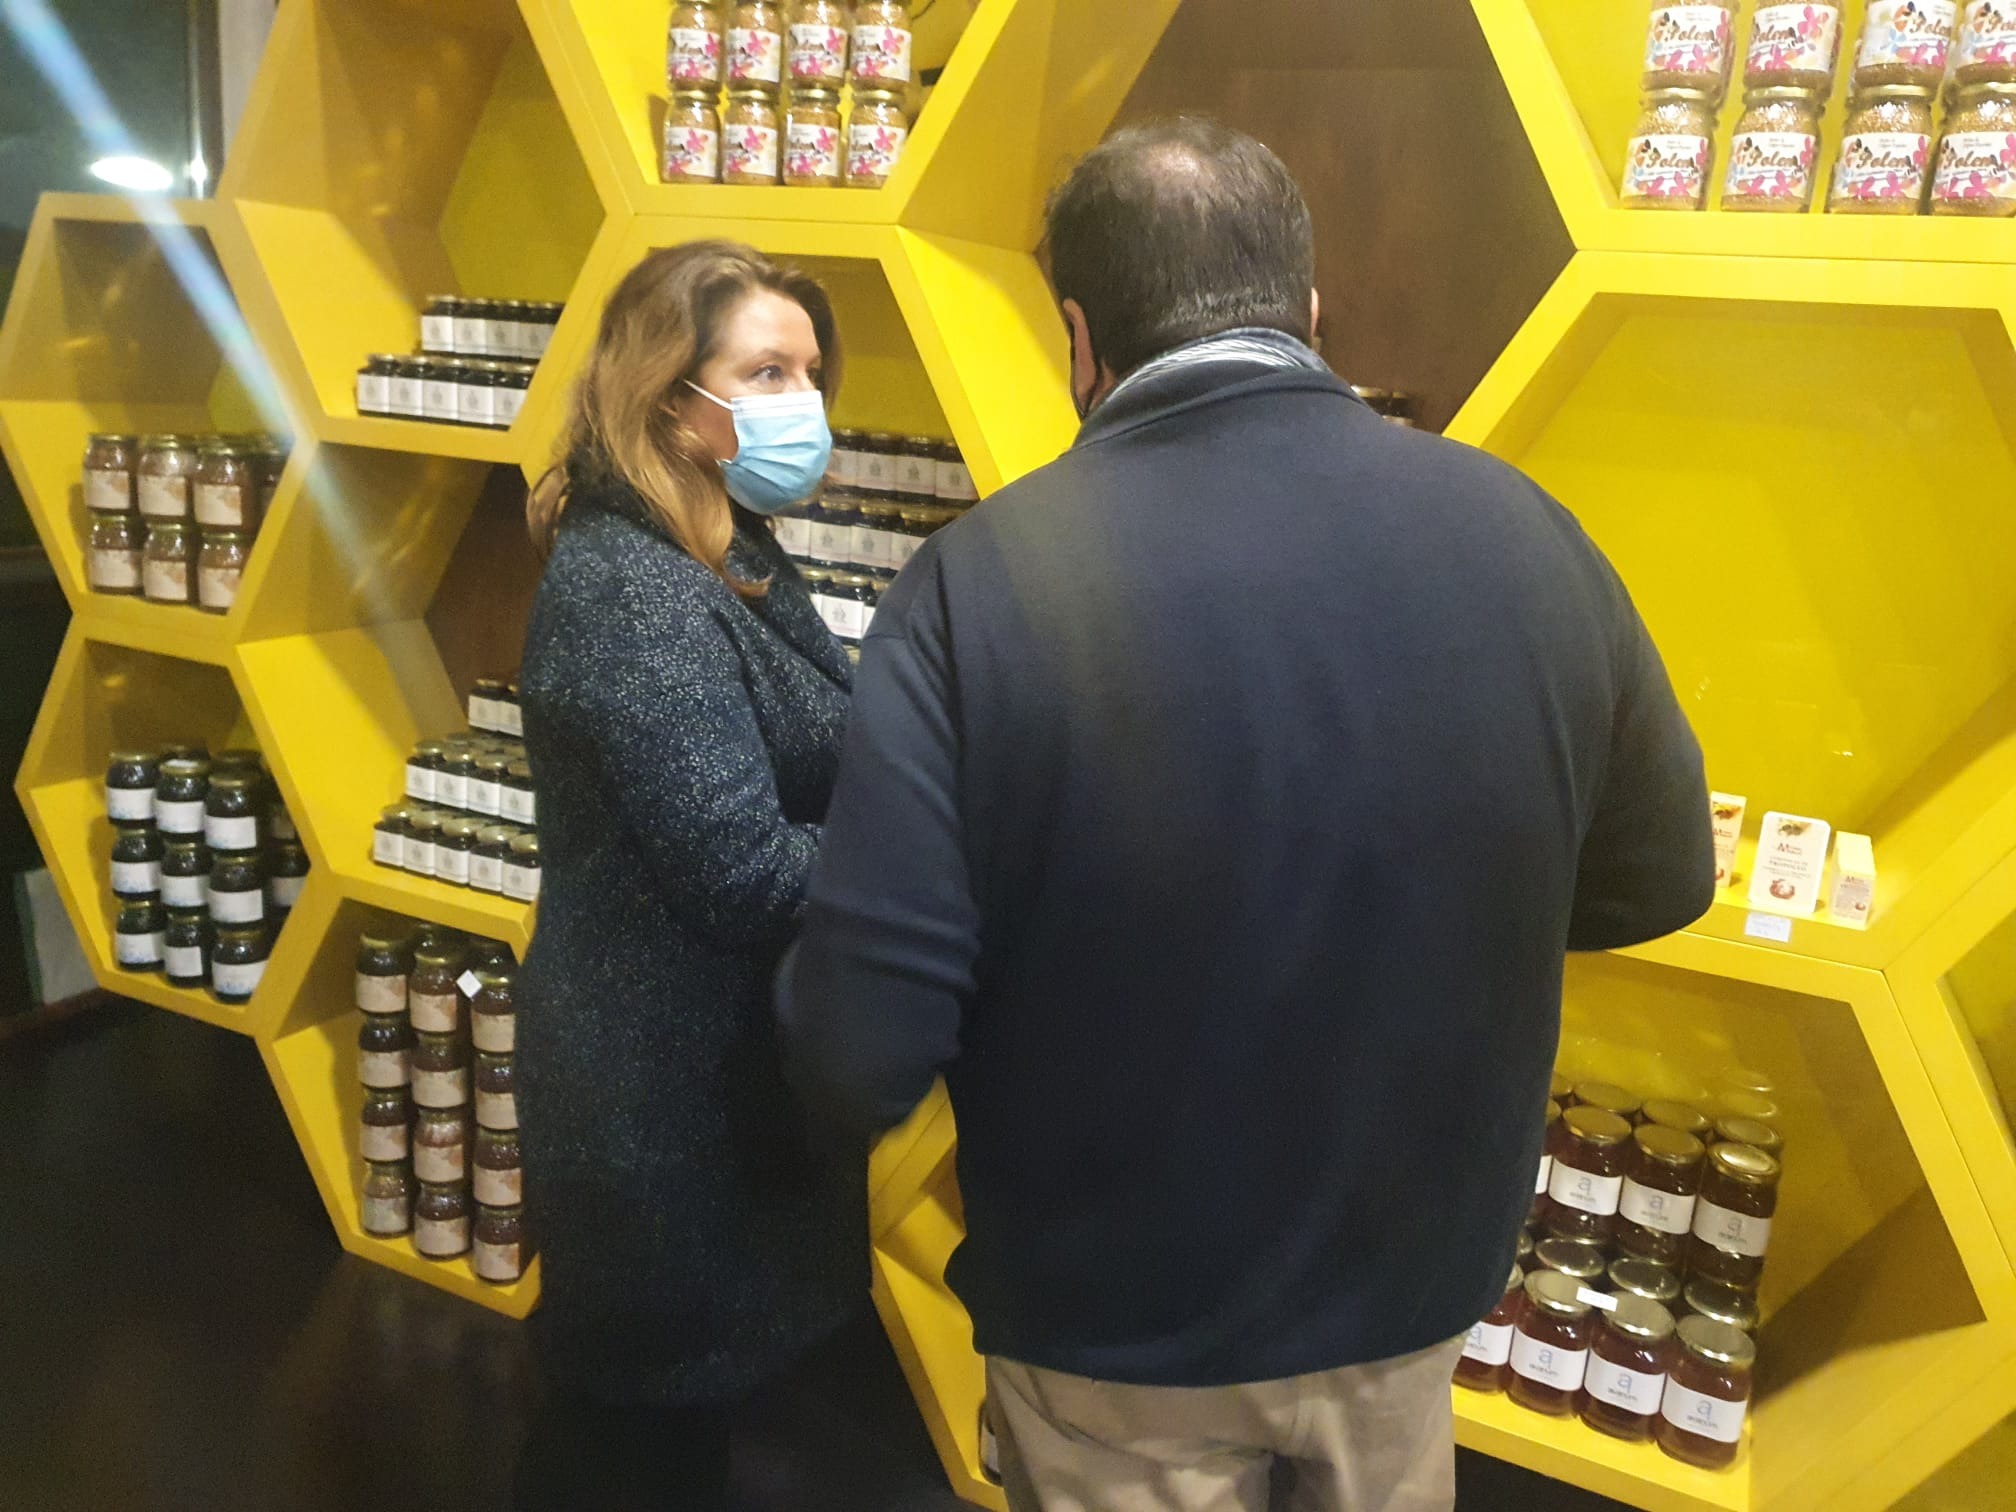 La consejera de Agricultura anuncia 9,4 M€ en ayudas al sector andaluz de la miel en 2021